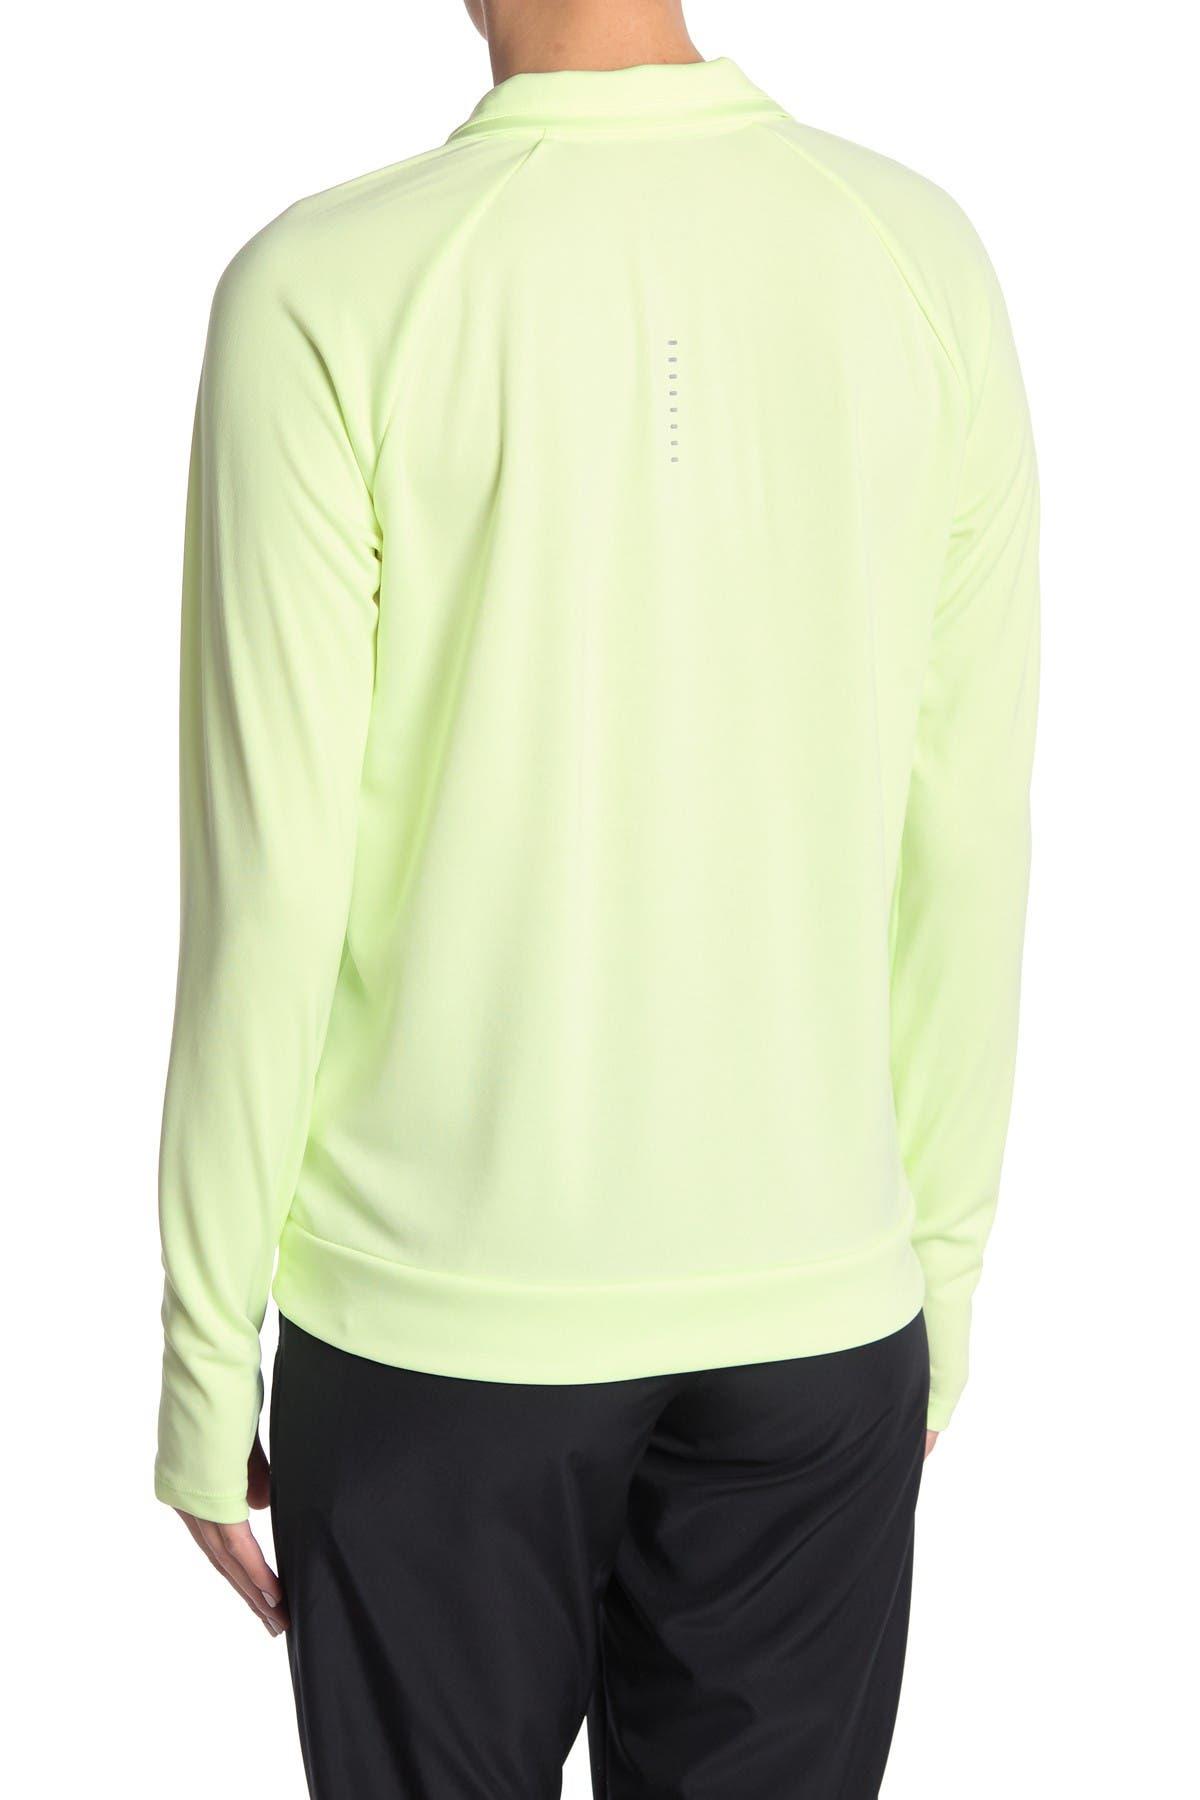 Nike Tops SWOOSH HALF ZIP JACKET